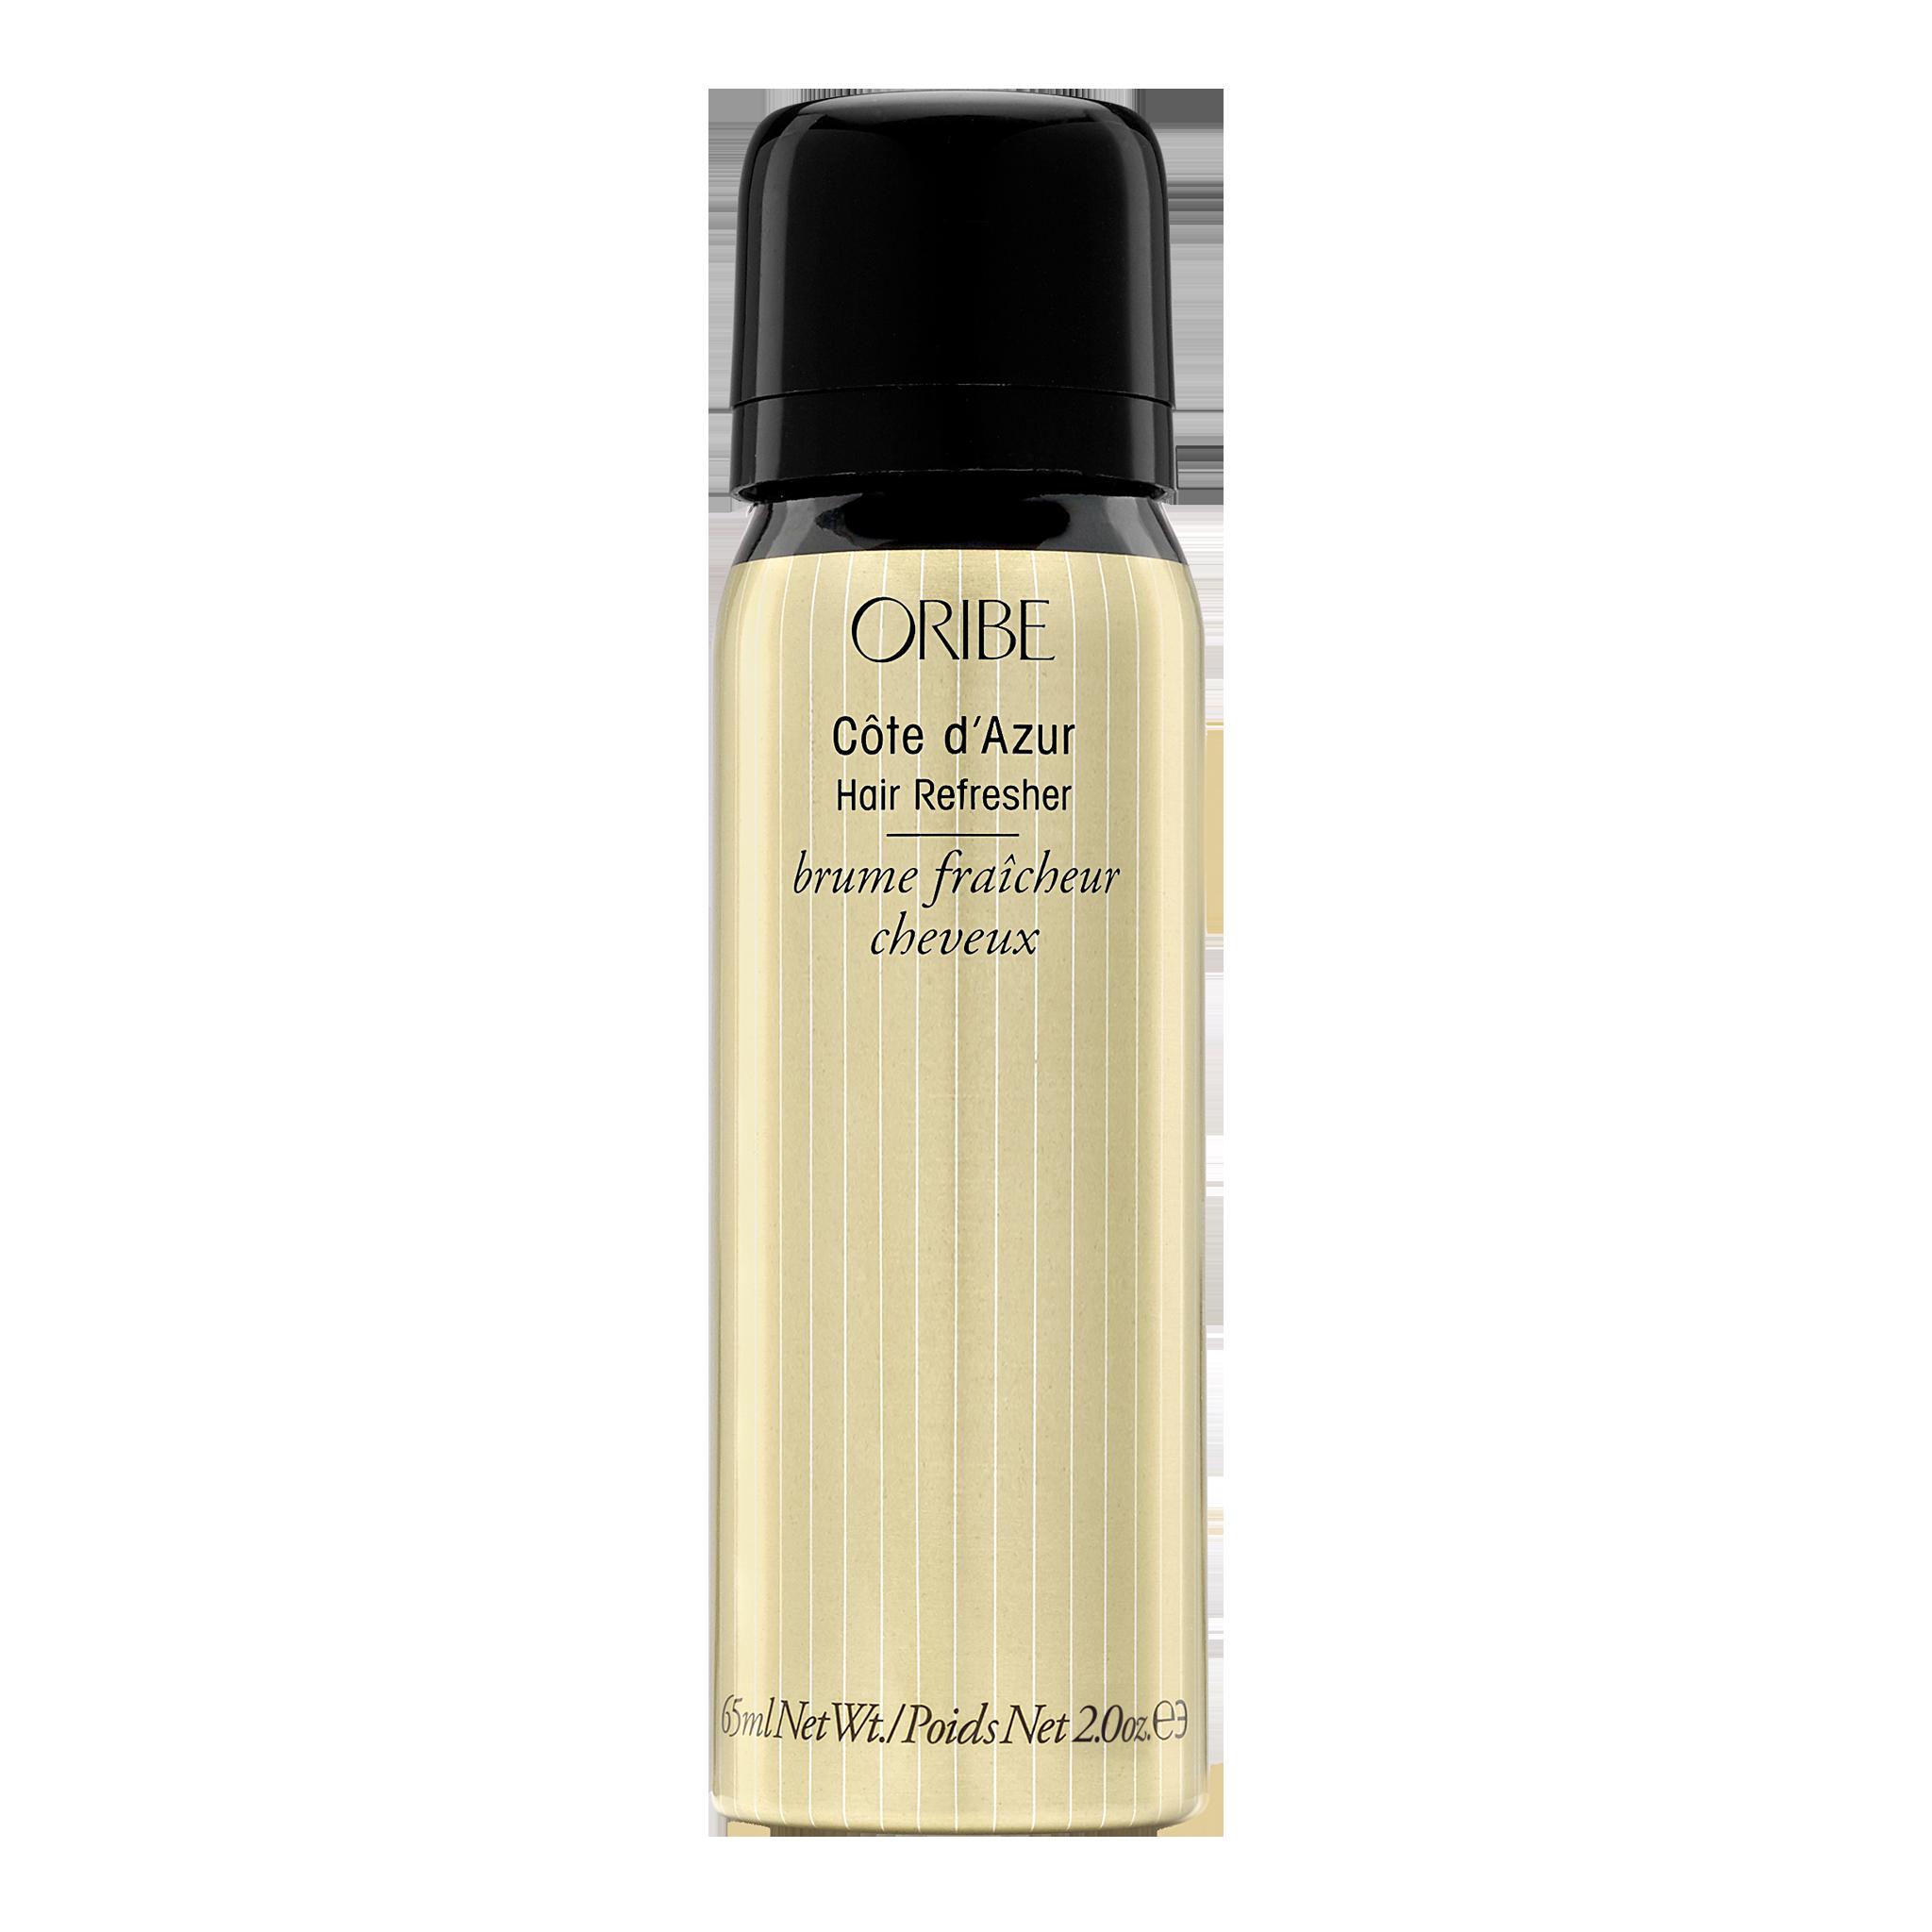 Cote d'Azur Hair Refresher 65mL